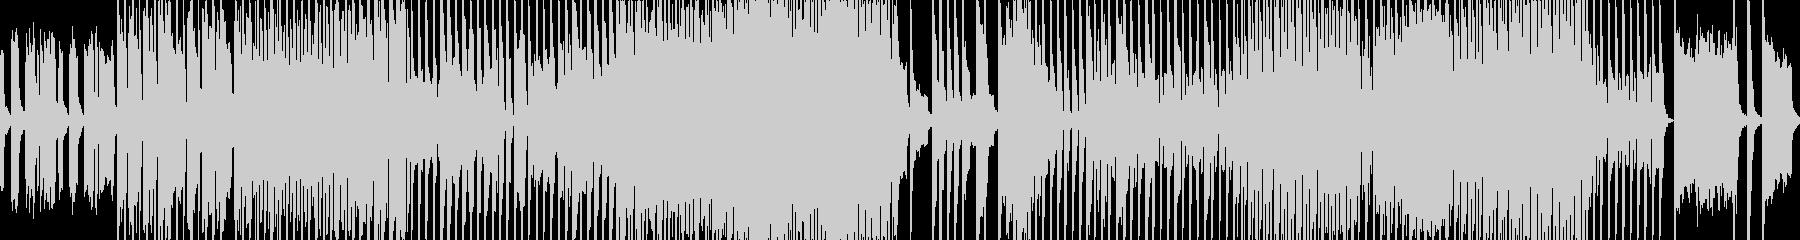 アイネクライネナハトムジーク/ポップの未再生の波形